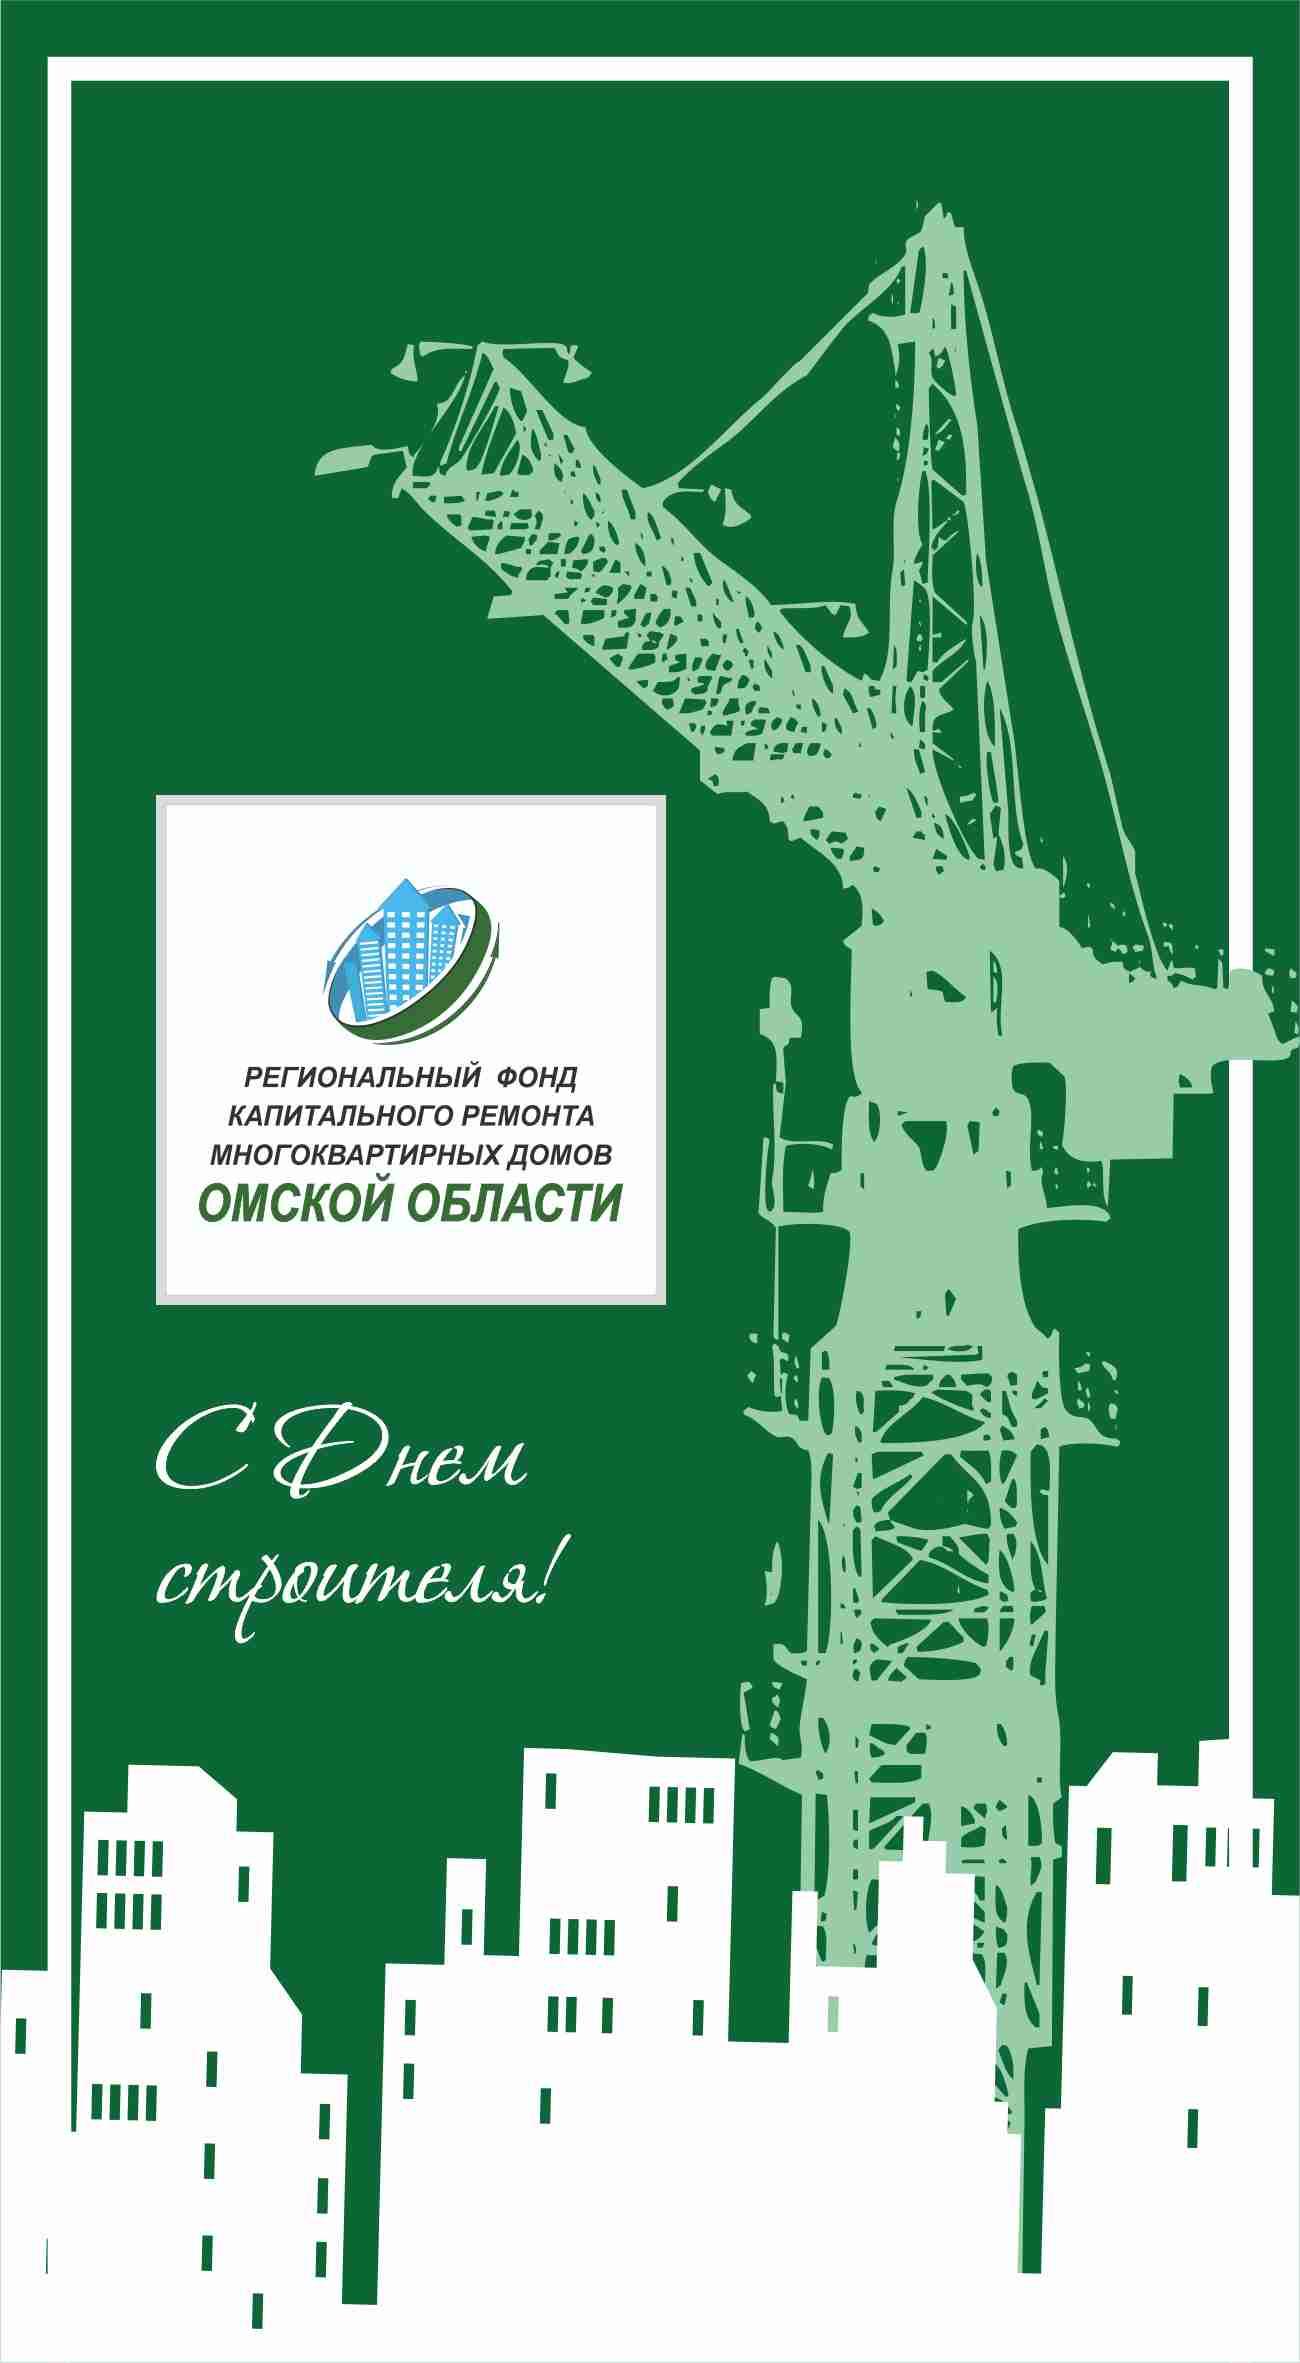 Поздравление фонду капитального ремонта